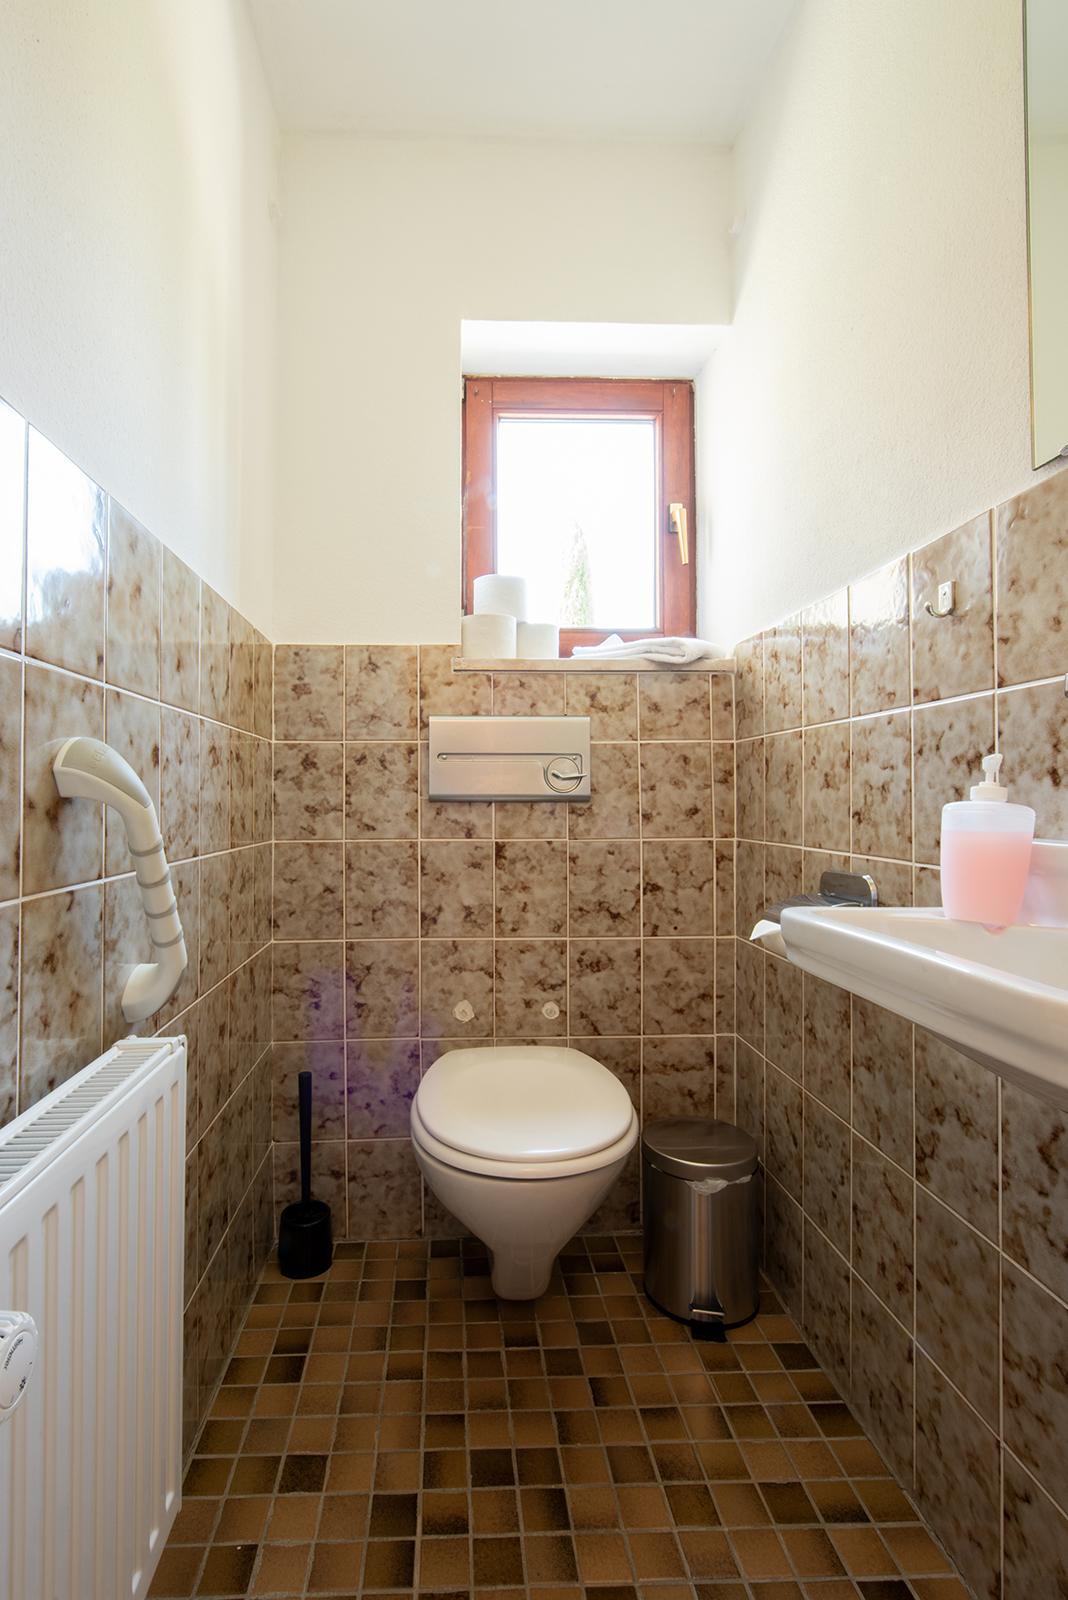 Ferienwohnung am Bodensee: Meersburg - Toilette